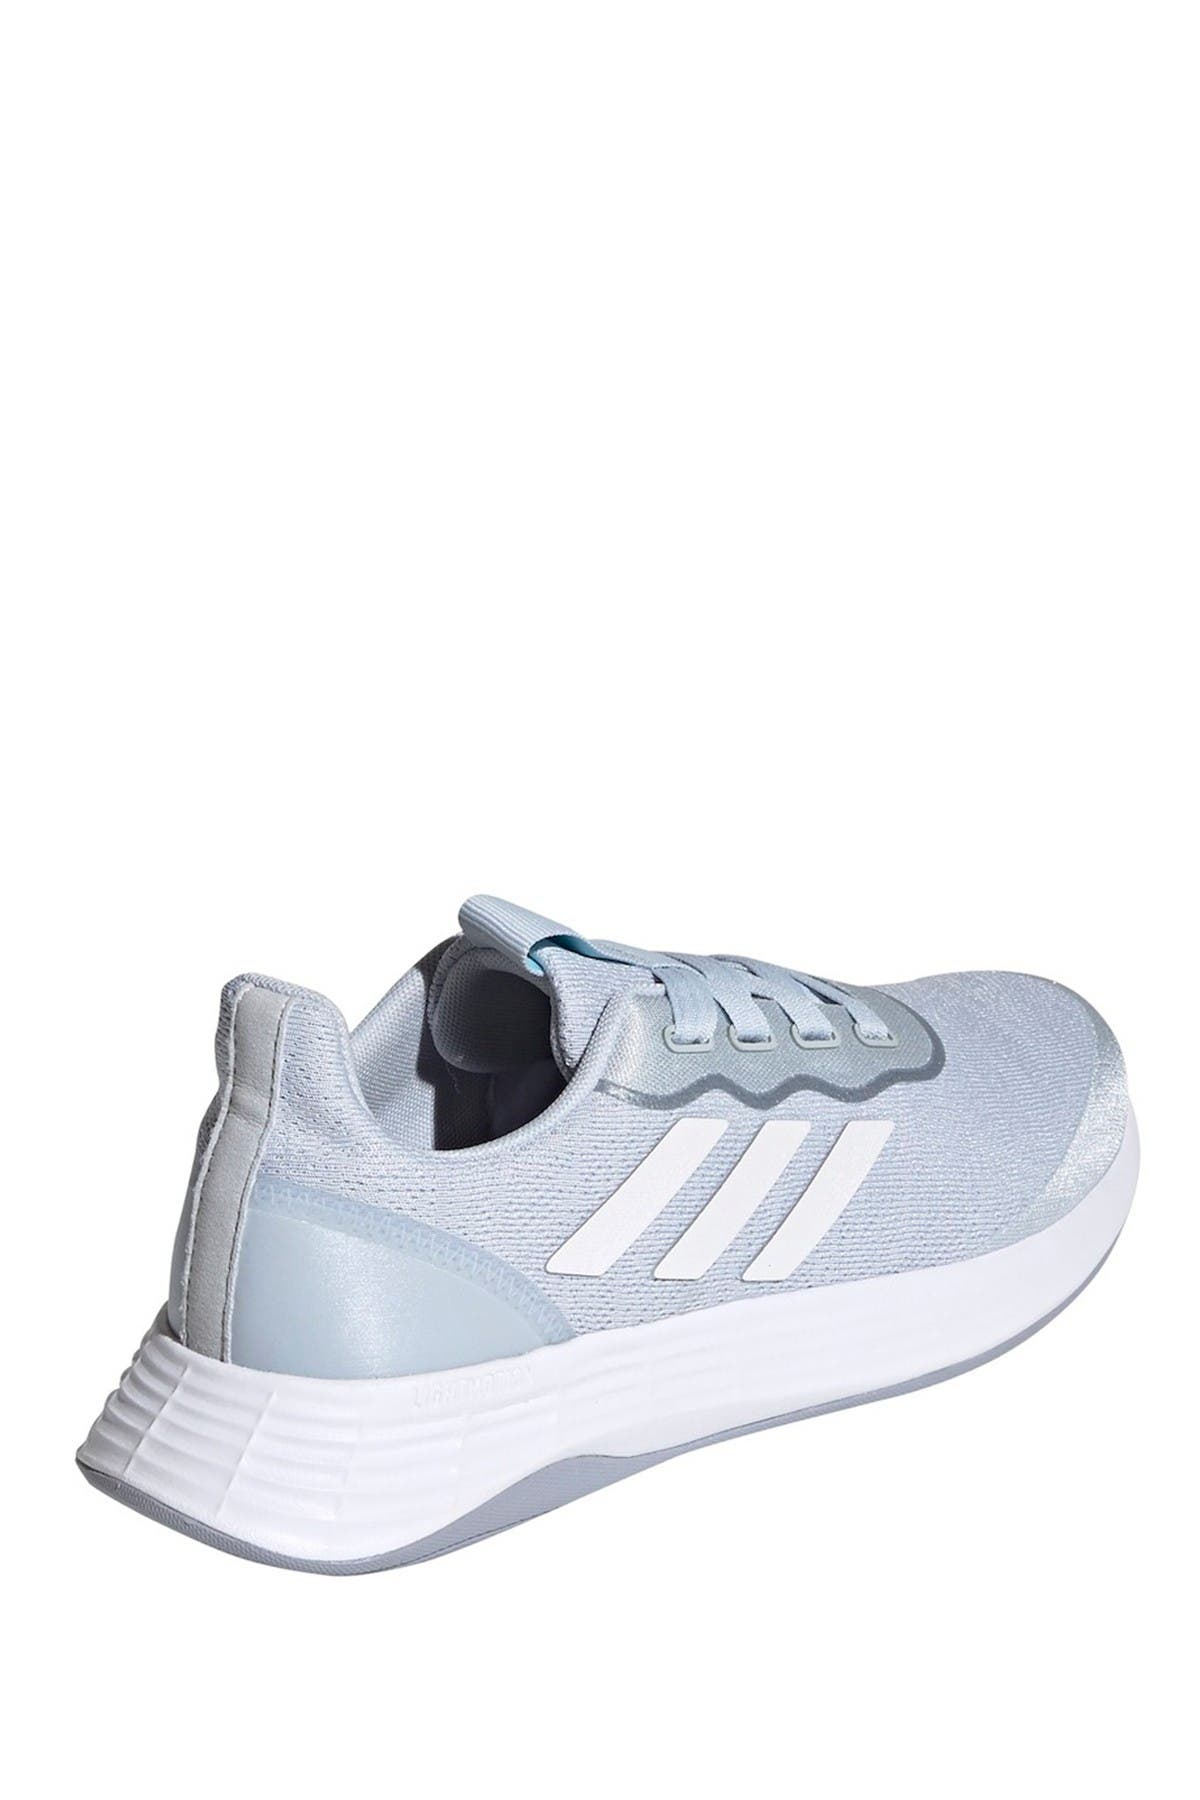 Adidas Originals QT RACER SPORT SNEAKER